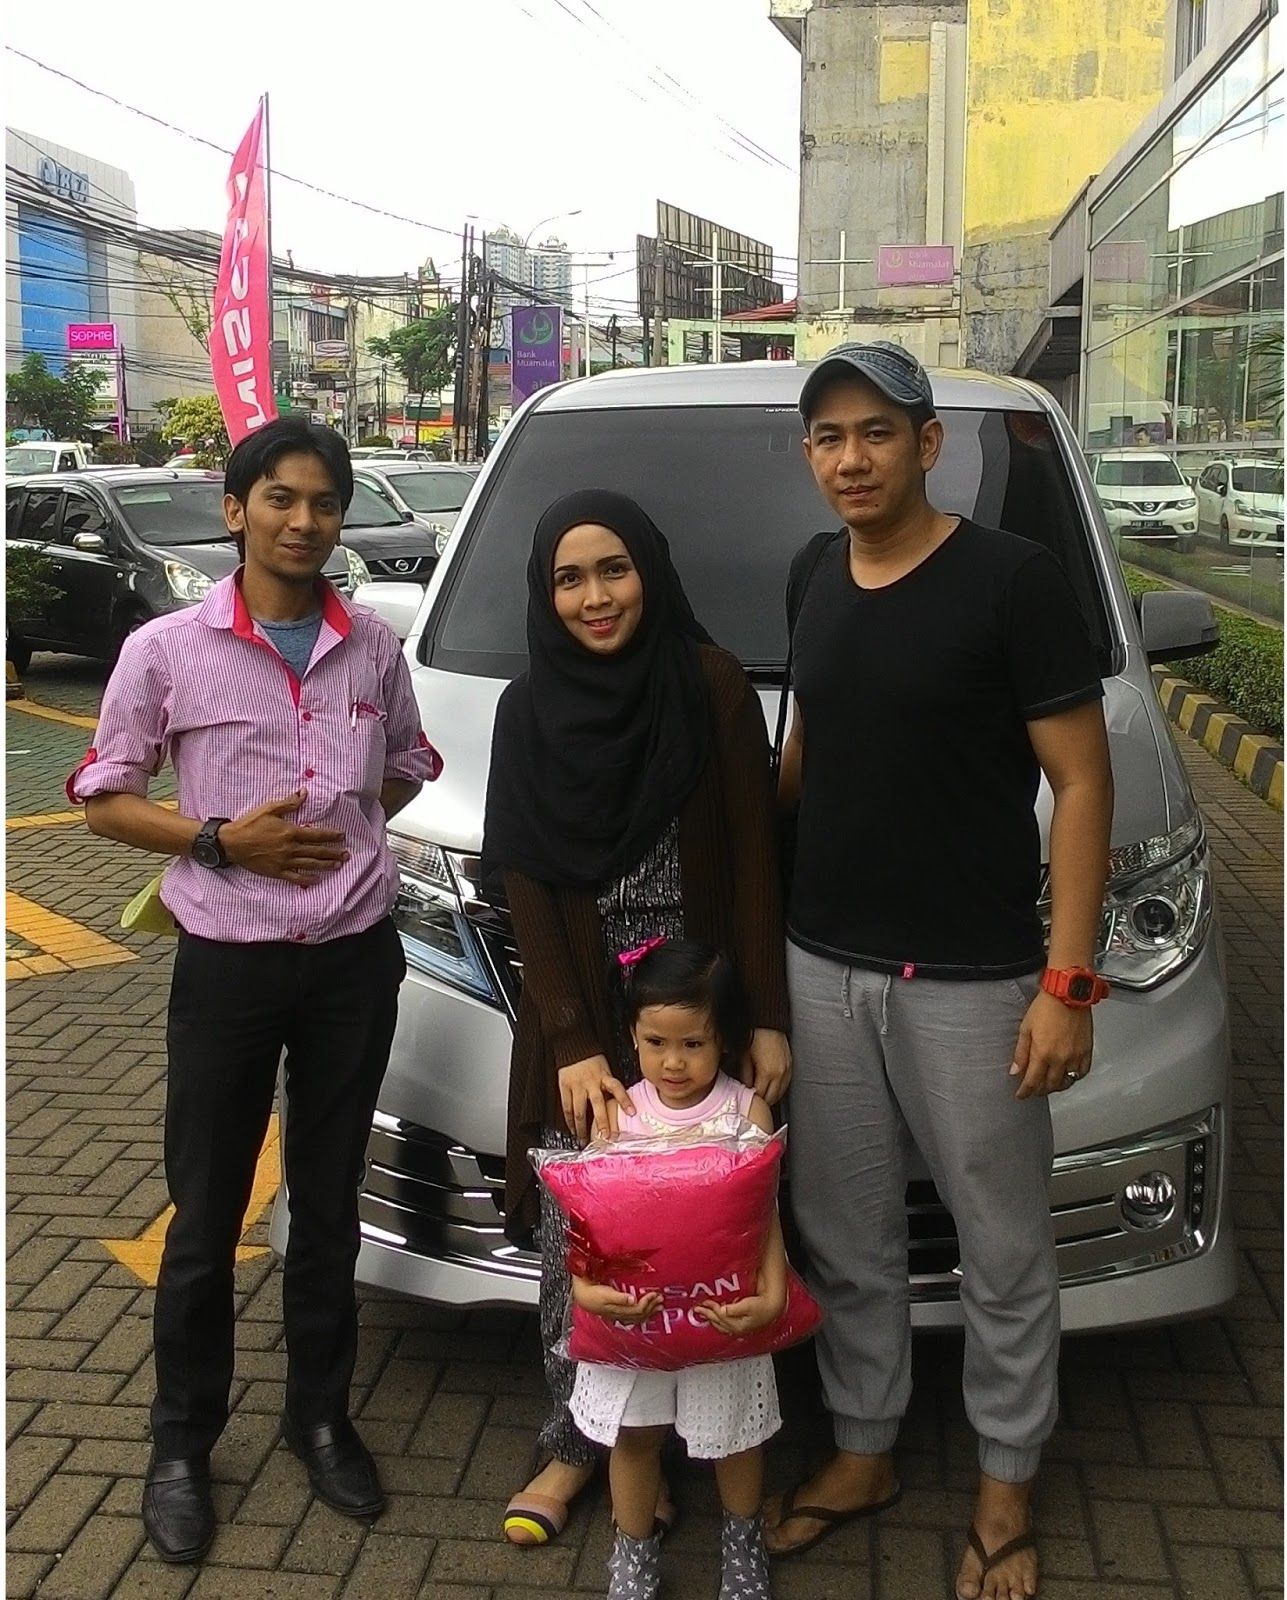 Terimakasih atas kepercayaan Bro Ricky & Keluarga yg telah membeli Nissan New Serena Autech melalui media www.touchnissan.com.  Semoga Berkah ya Bro...